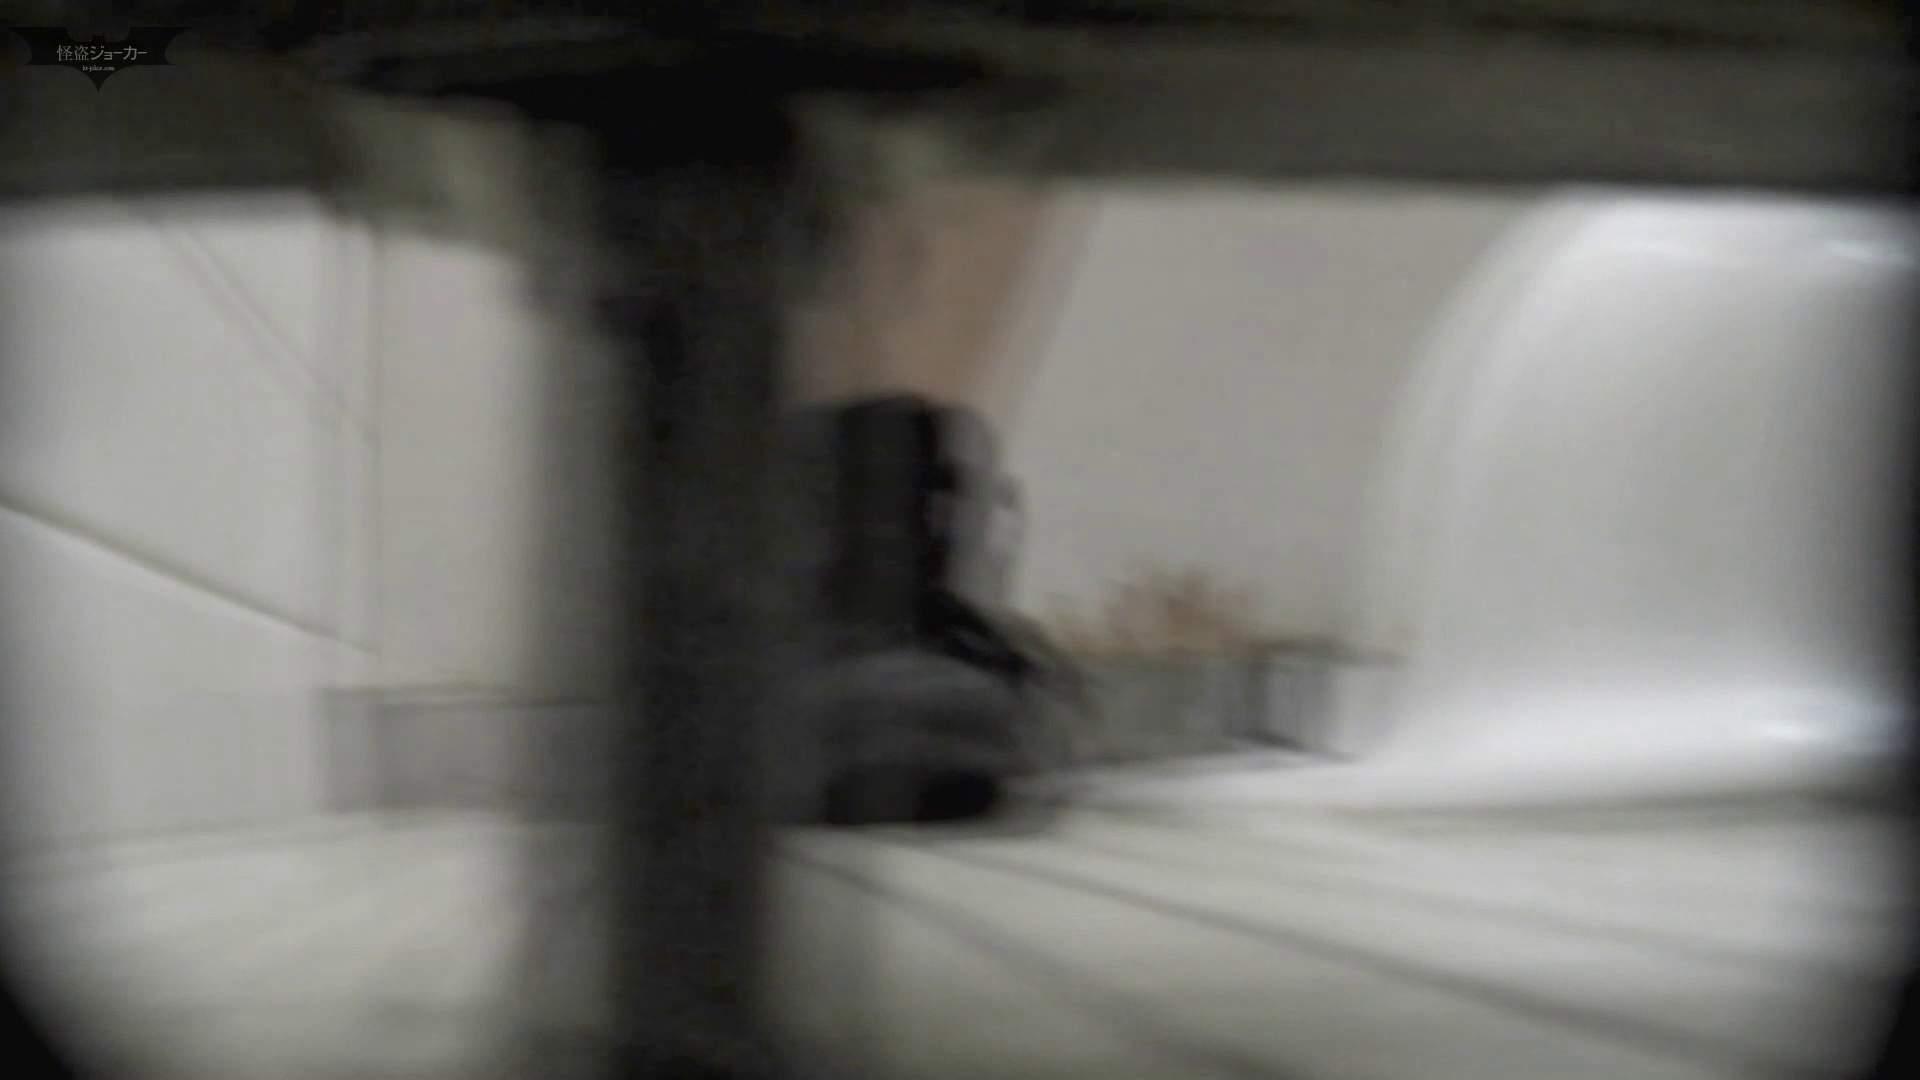 洗面所特攻隊 vol.58驚異のしまり、【2015・25位】 洗面所 濡れ場動画紹介 63画像 34